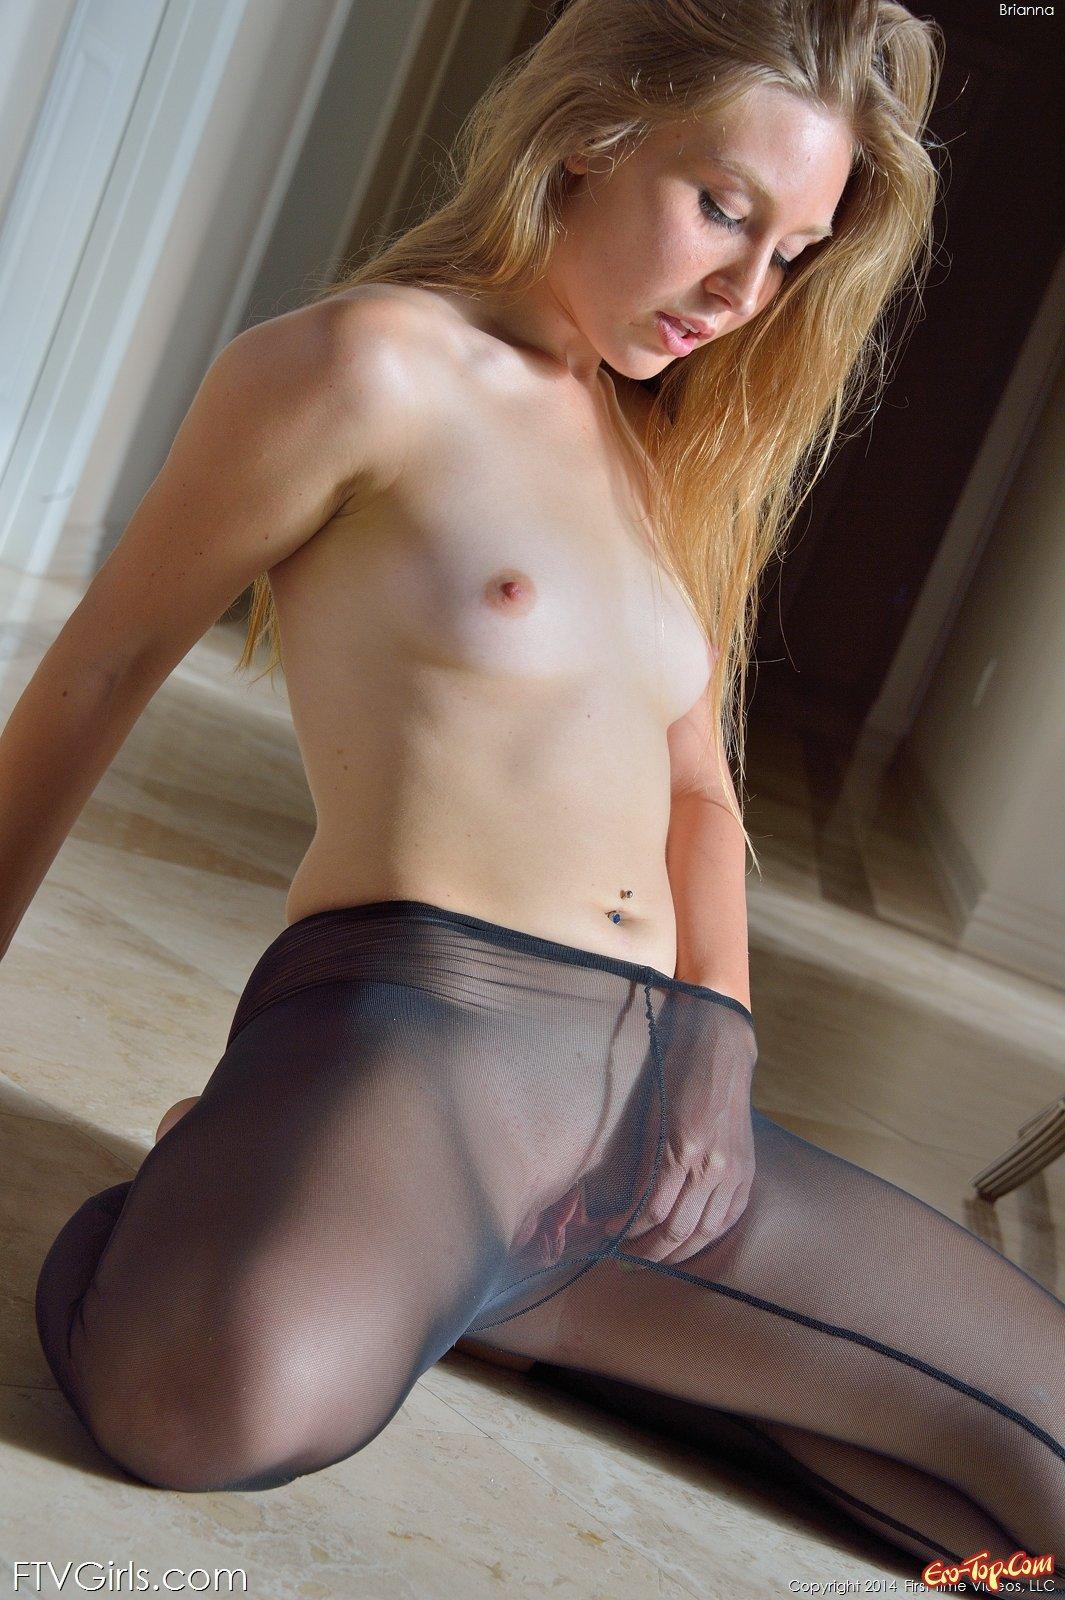 Возбужденная  девушка демонстрирует голую киску